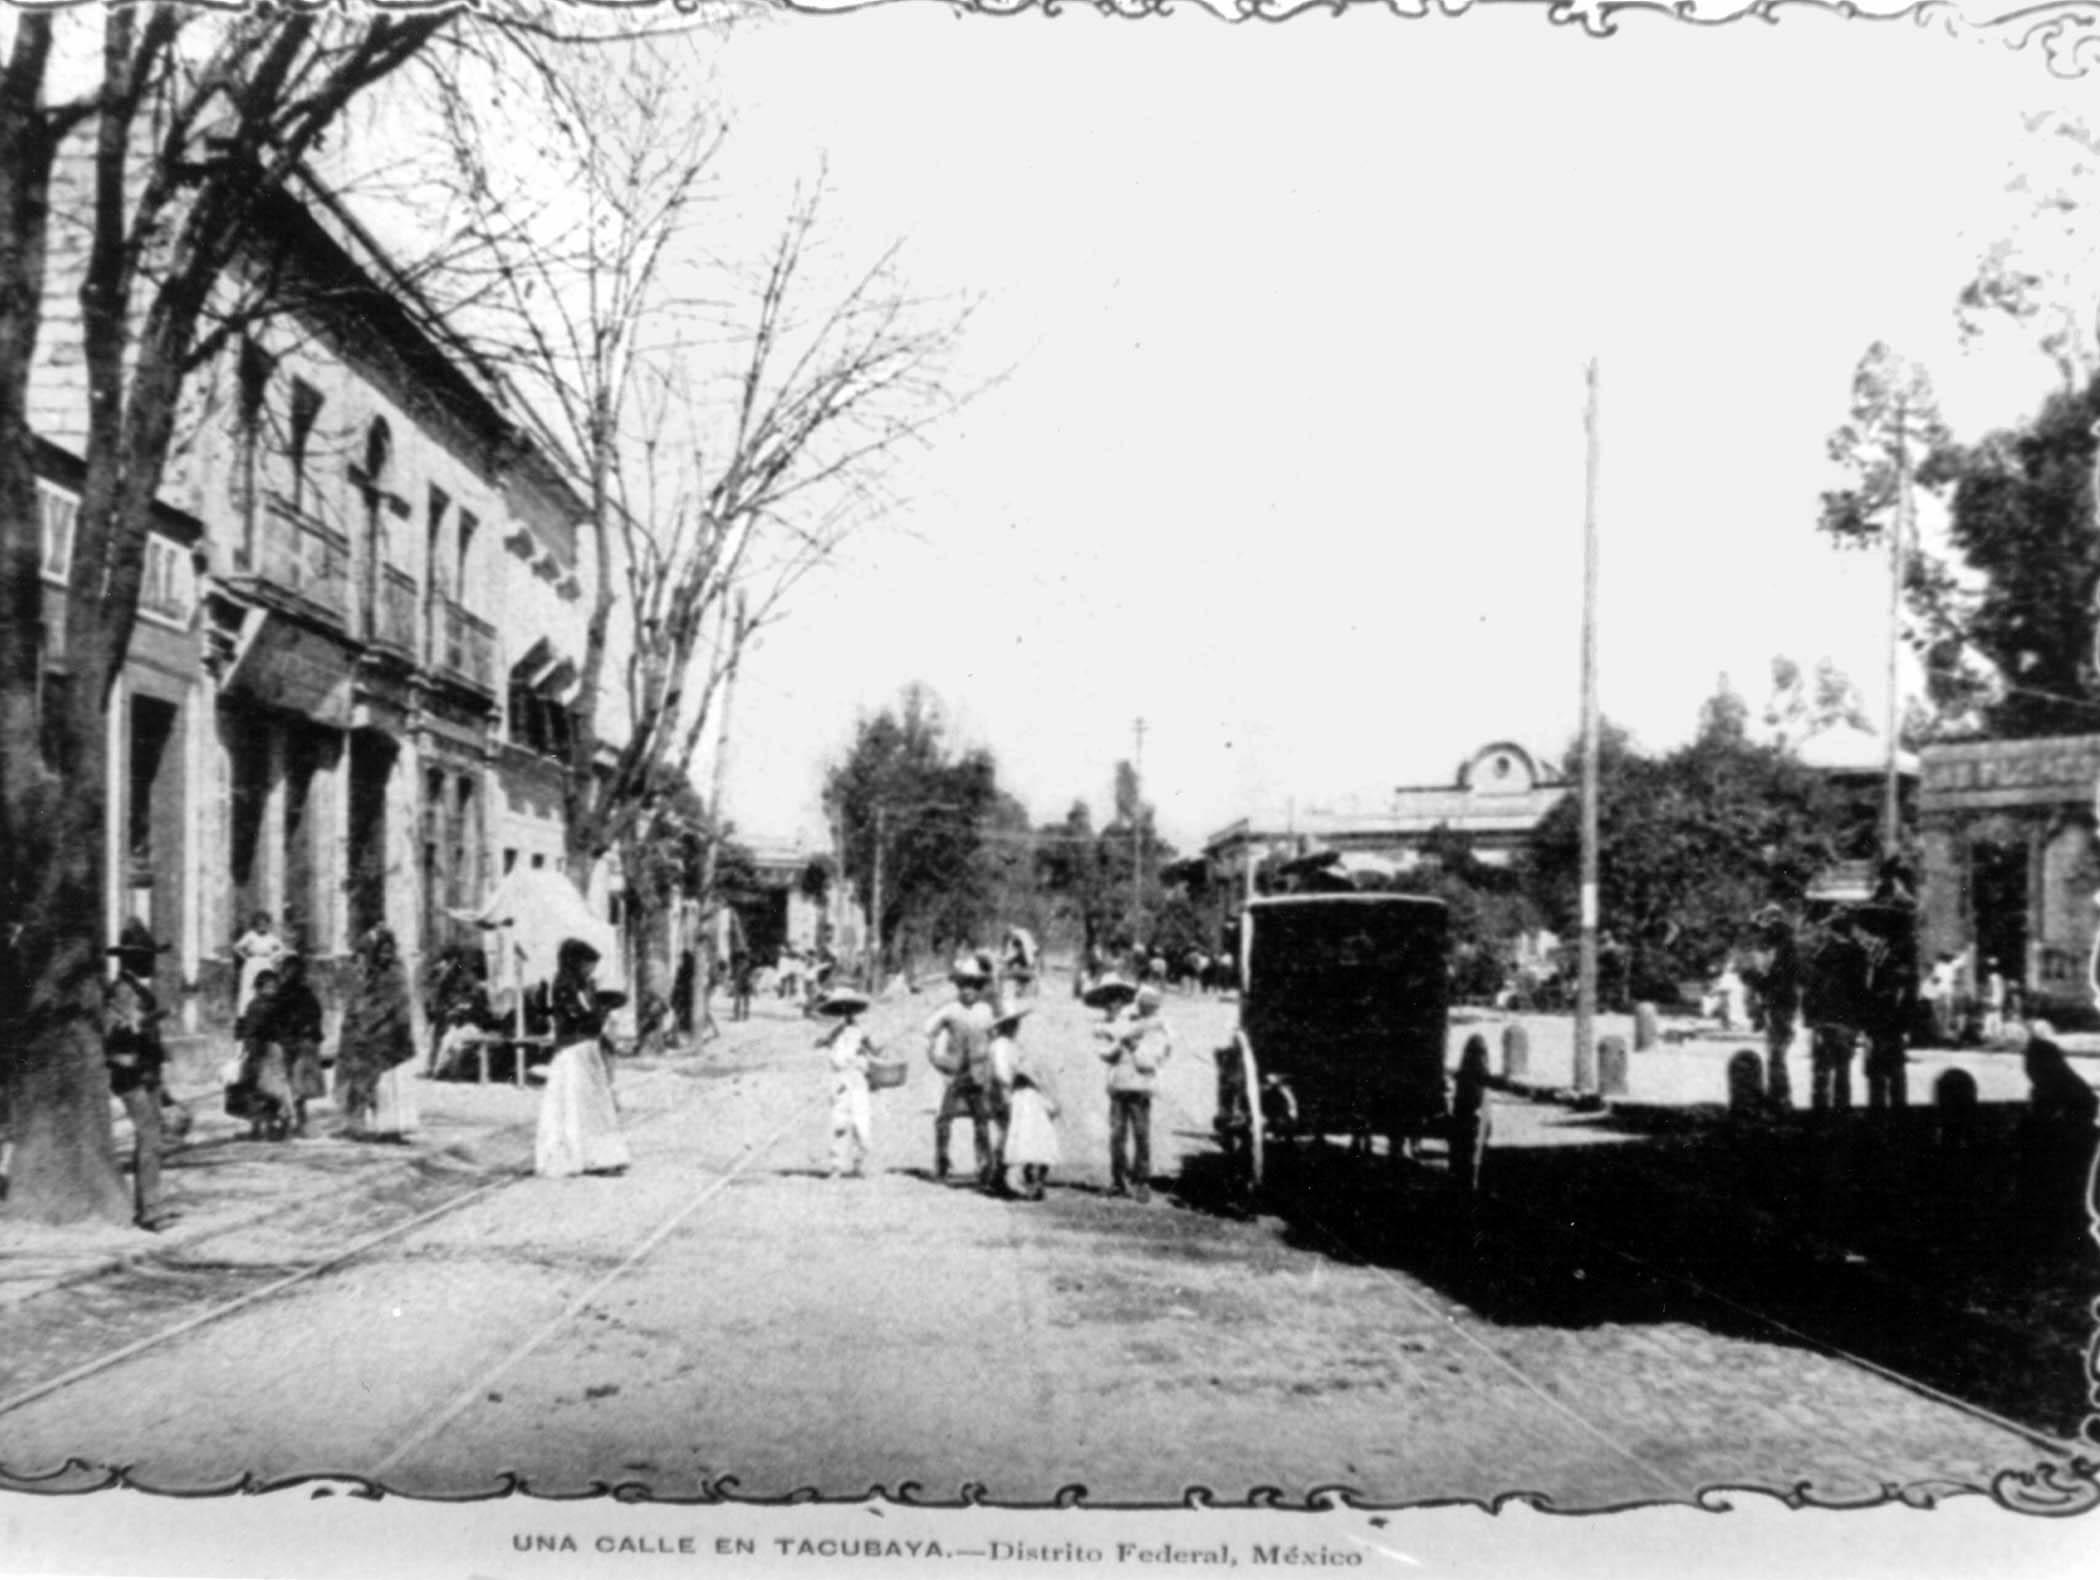 Vista de una calle en la zona de Tacubaya de la Ciudad de México en la década de los 30 del siglo XX.